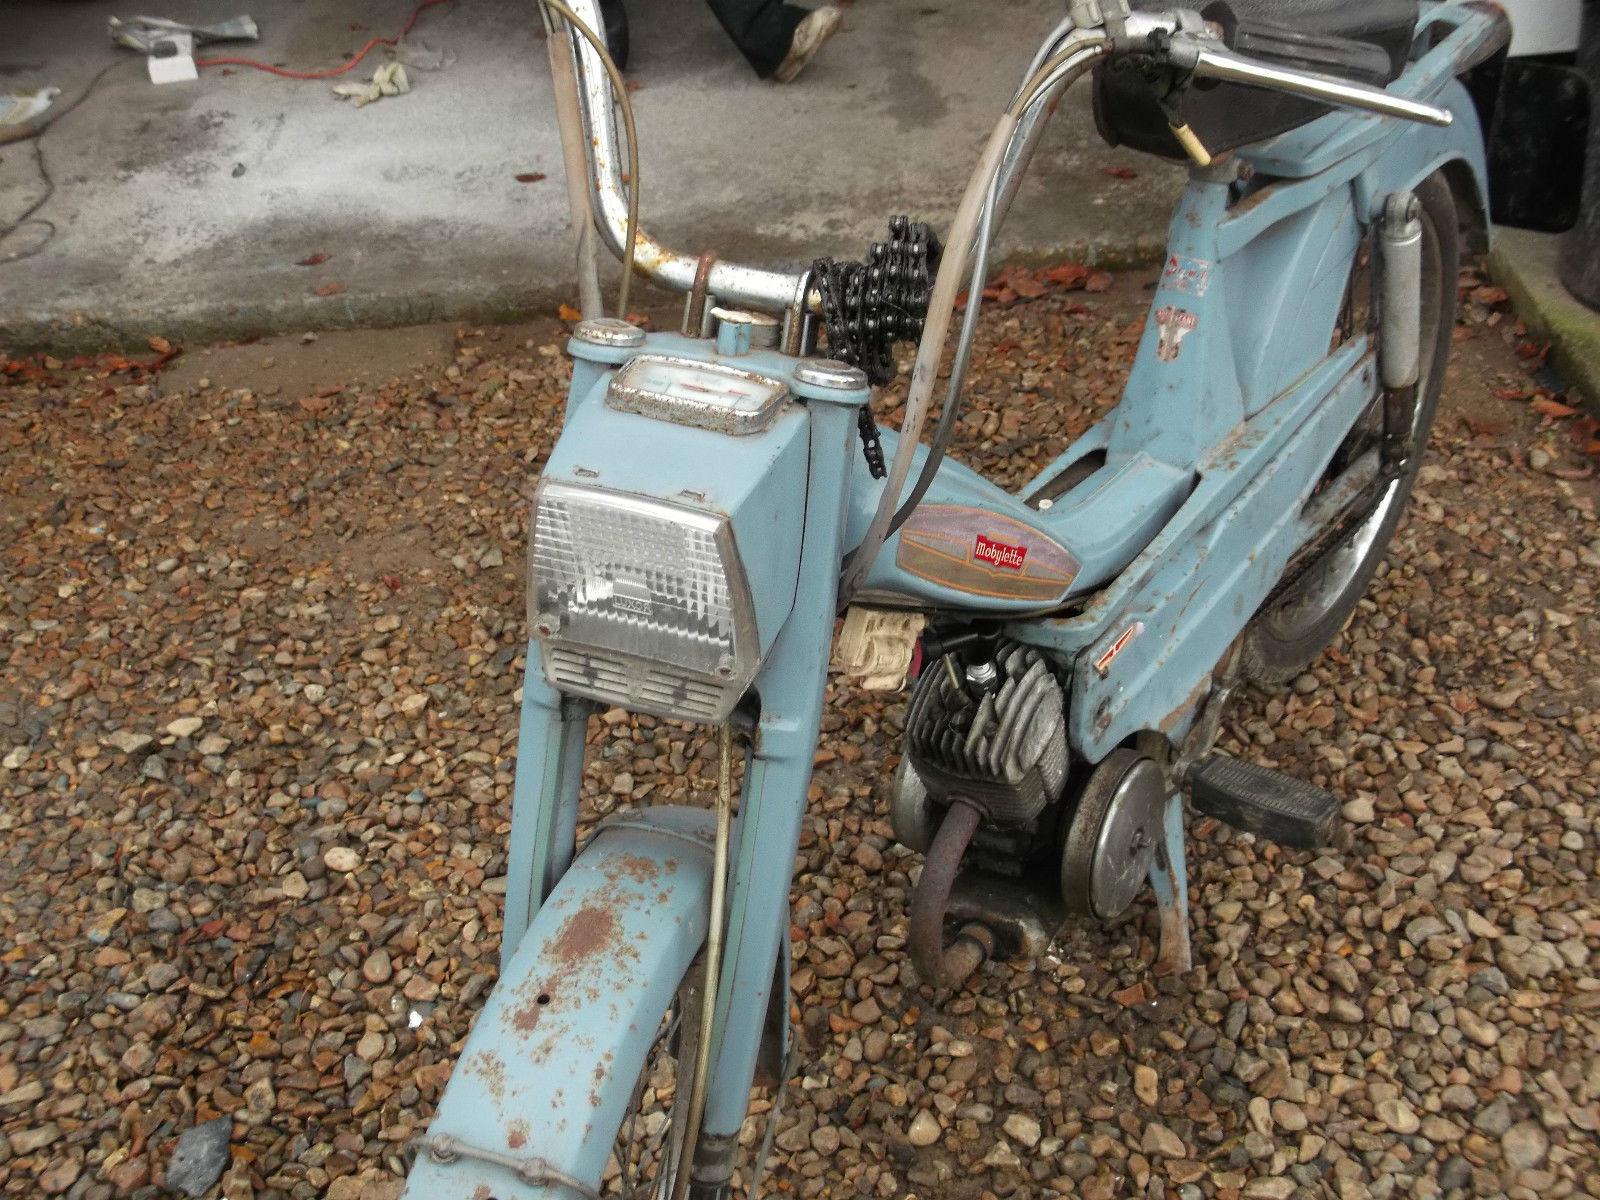 motobecane moped wiring diagram kymco wiring diagram